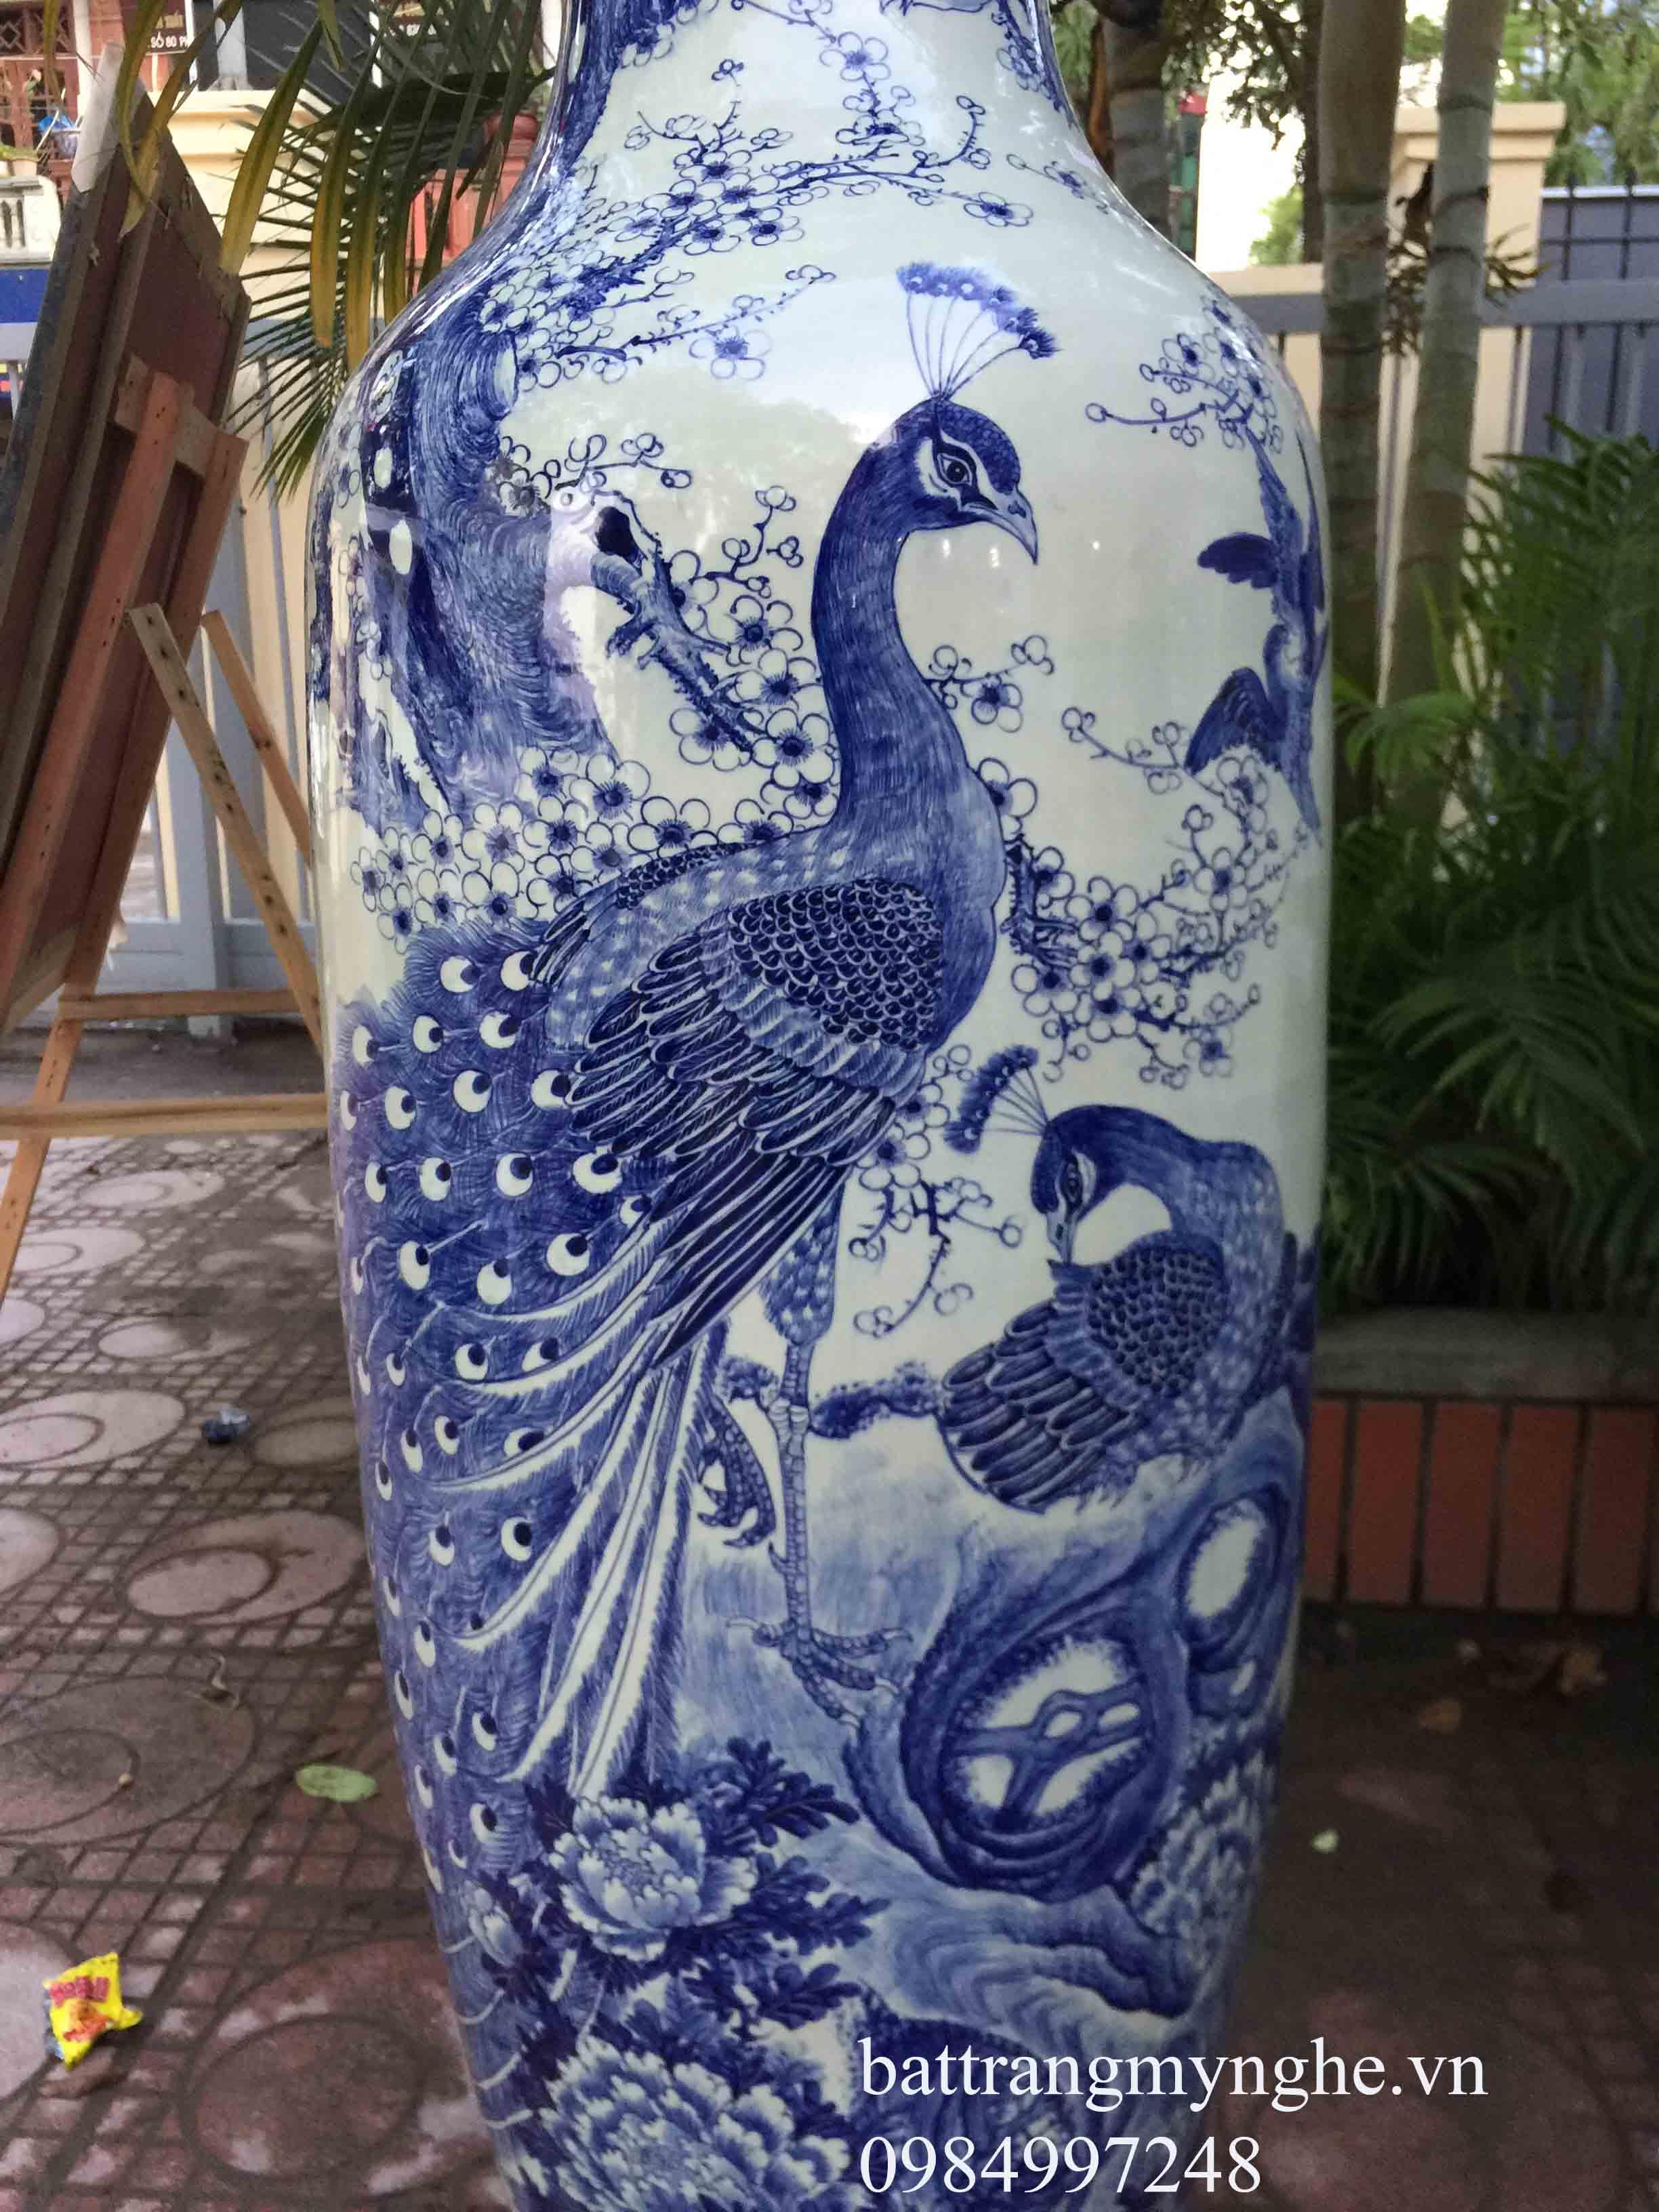 Lọ lộc bình chim công - men lam - cao 1.85m vẽ tay cao cấp